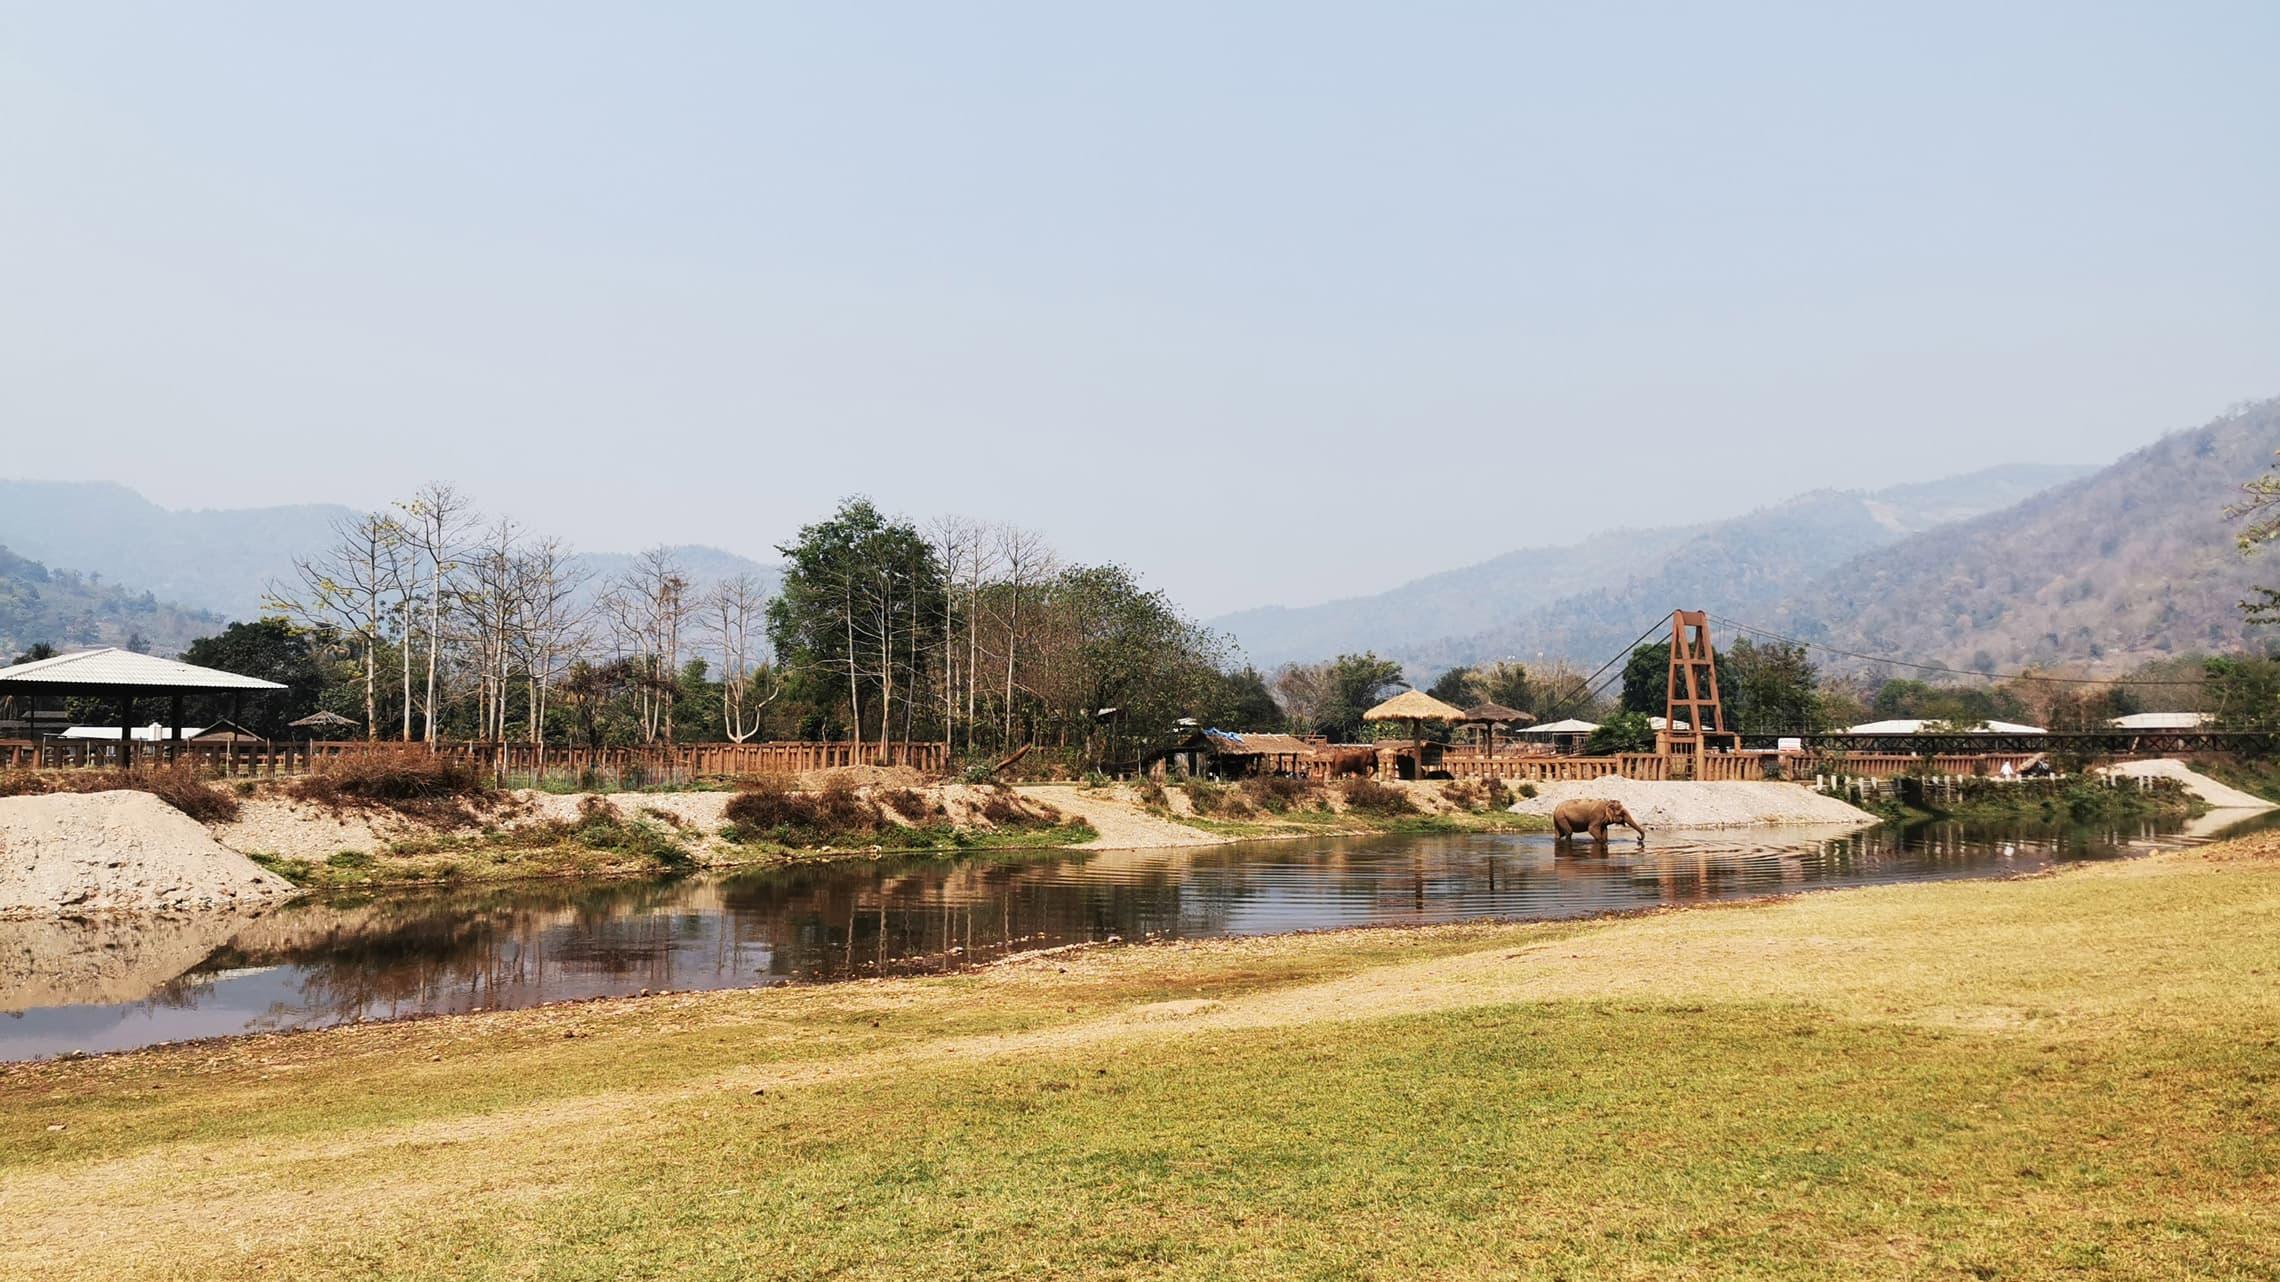 Als wir den Elephant Nature Park erreichten, war ich jedoch gleich positiv überrascht und erleichtert. Ich sah ein großes, idyllisches, vom Dschungel und Bergen gesäumtes Areal, auf dem frei herumlaufende Elefanten, Büffel und allerhand Kleintiere ihren restlichen Lebensweg antreten durften.